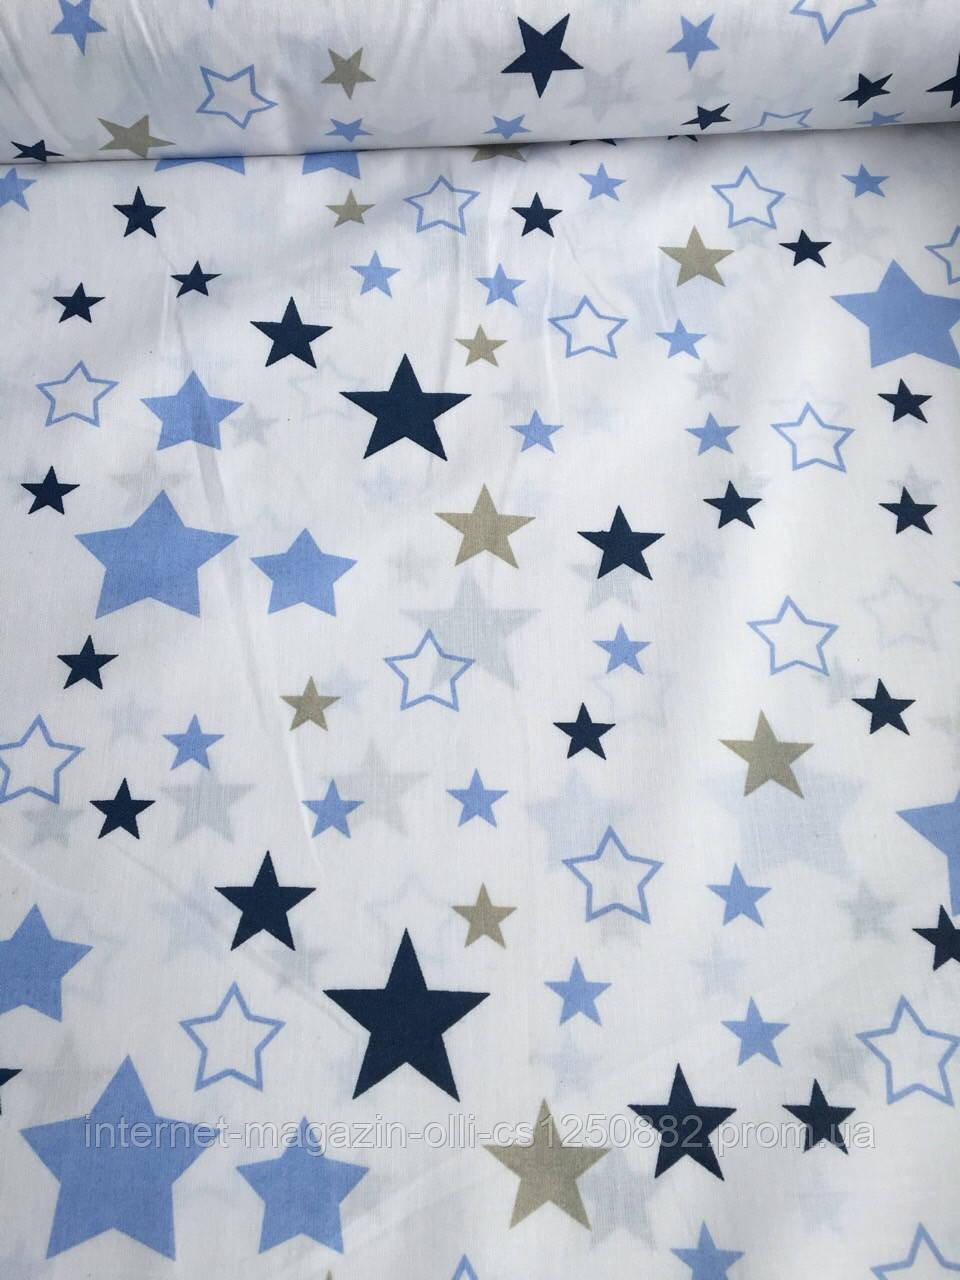 Хлопковая ткань польская звезды синие, голубые, серые большие и маленькие на белом№360